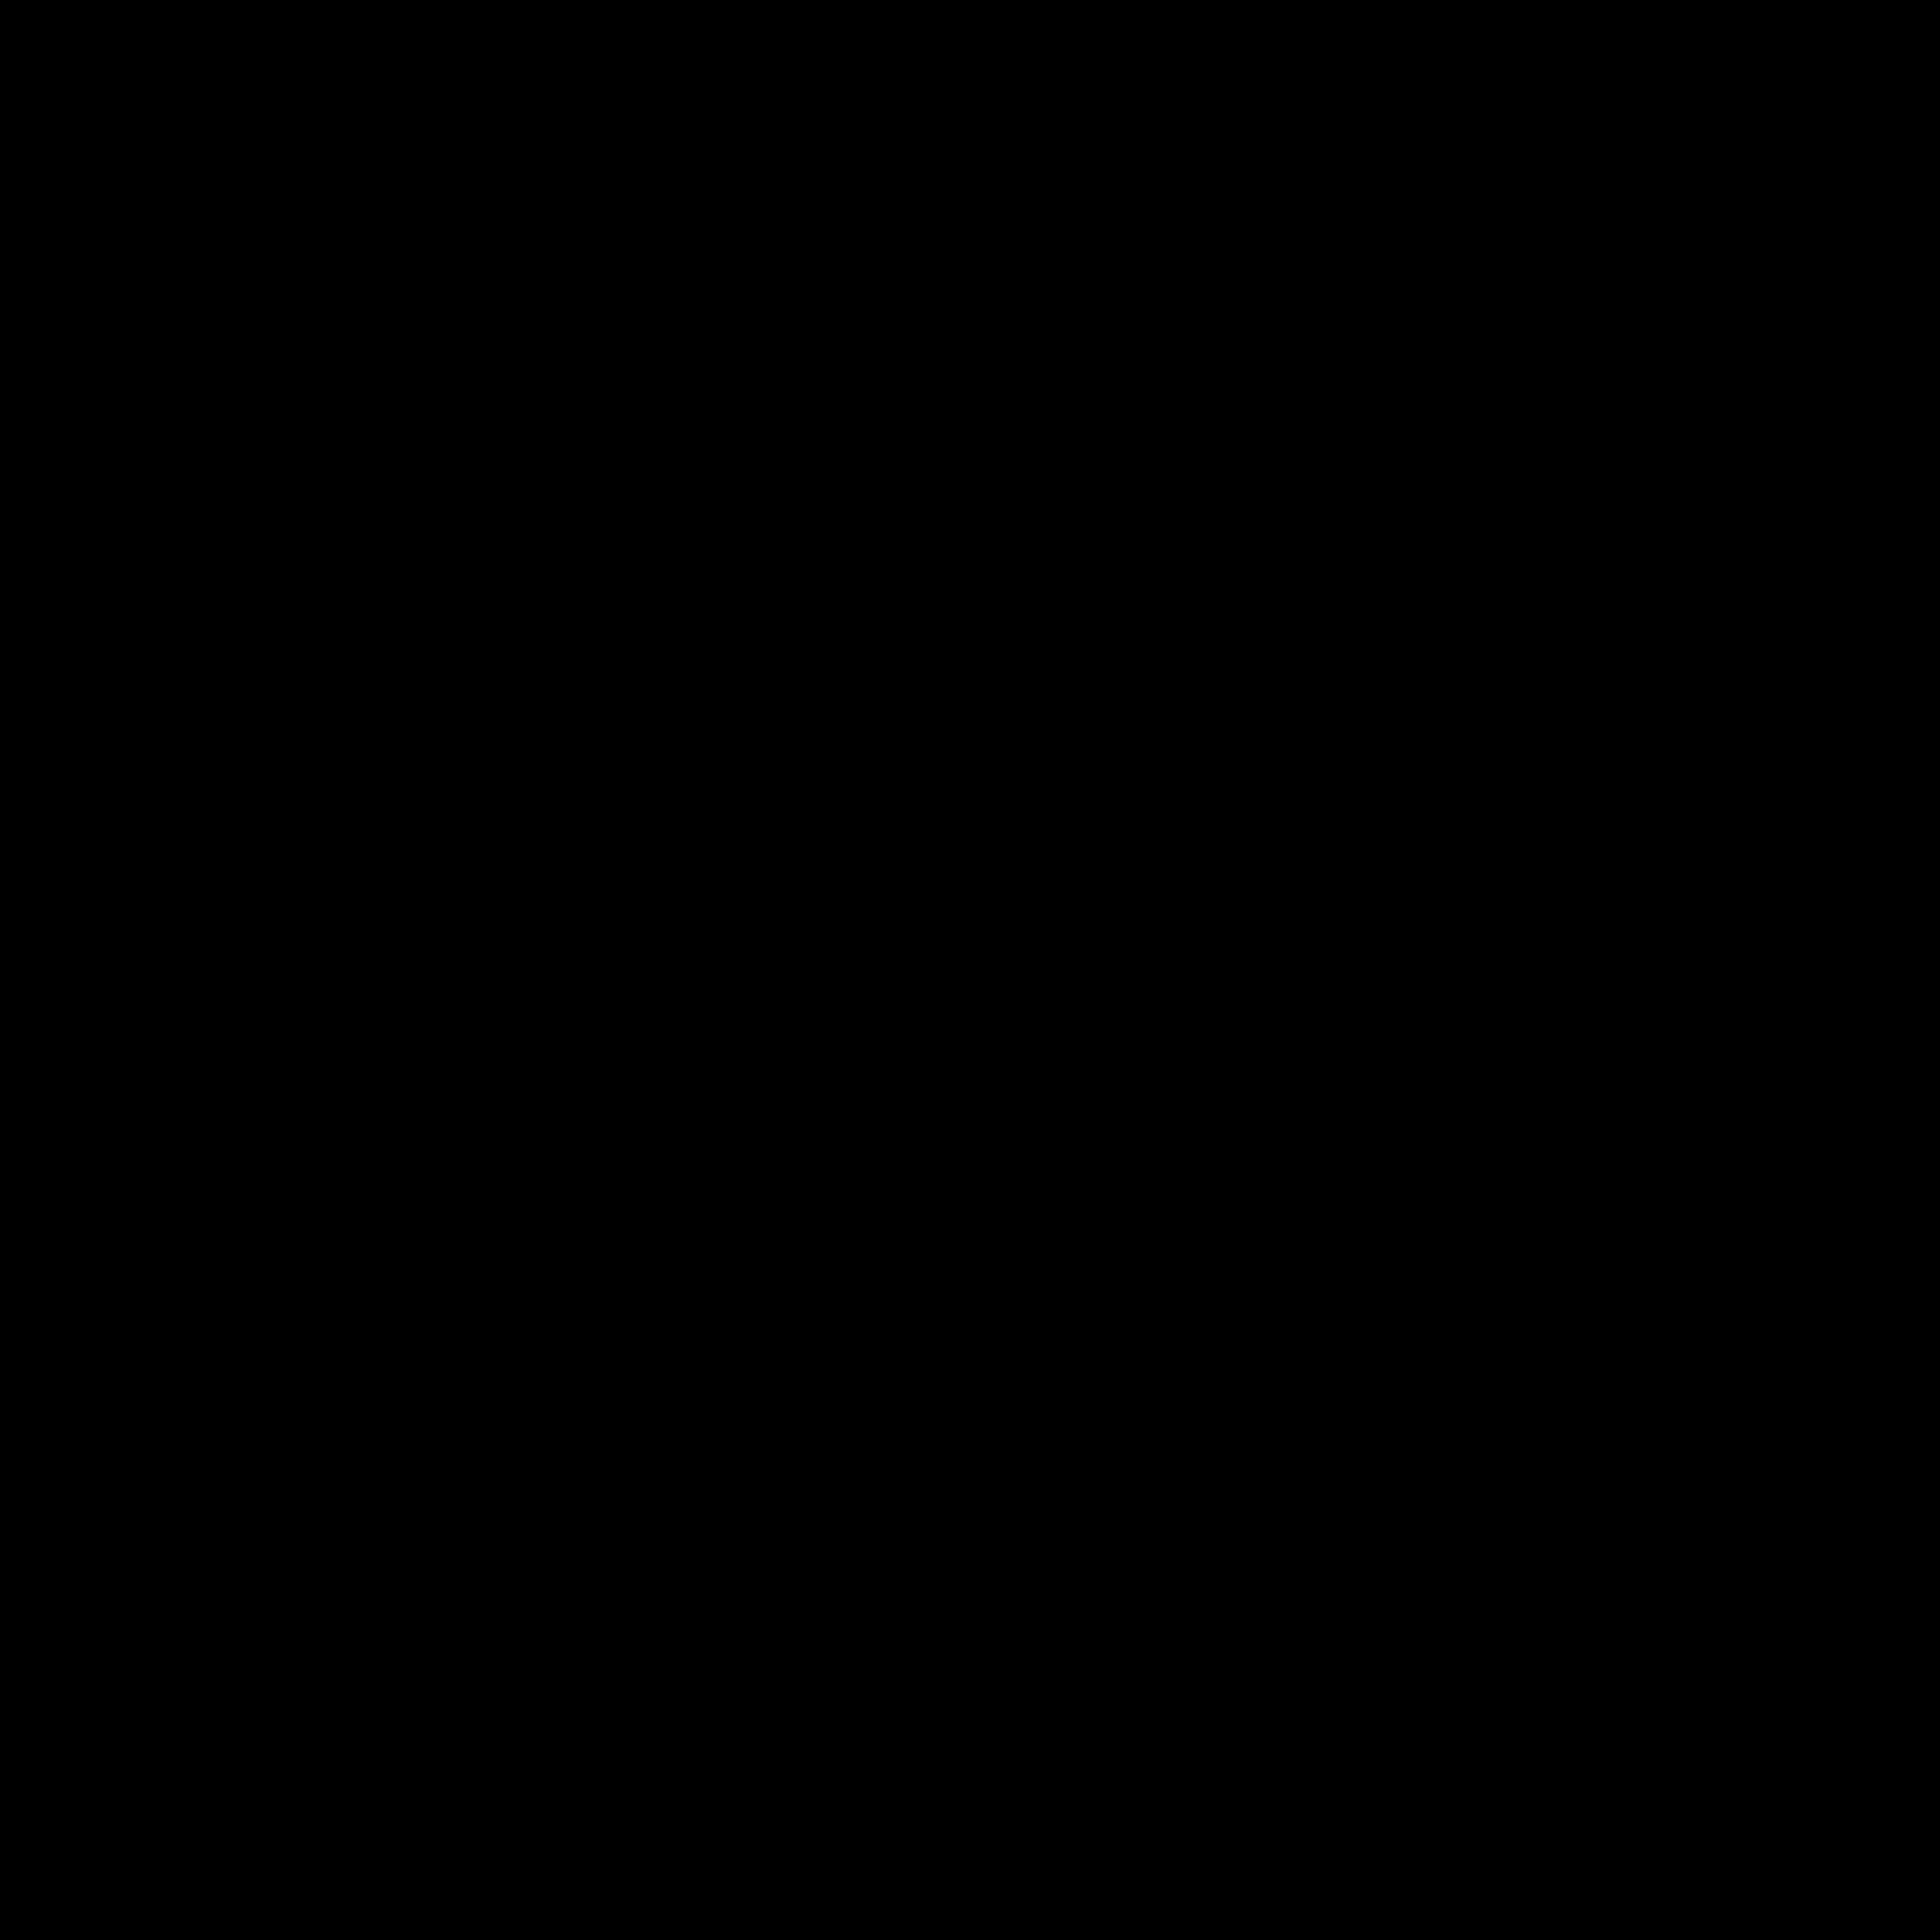 Custom Birthday Arrangement Freytag's Florist Austin